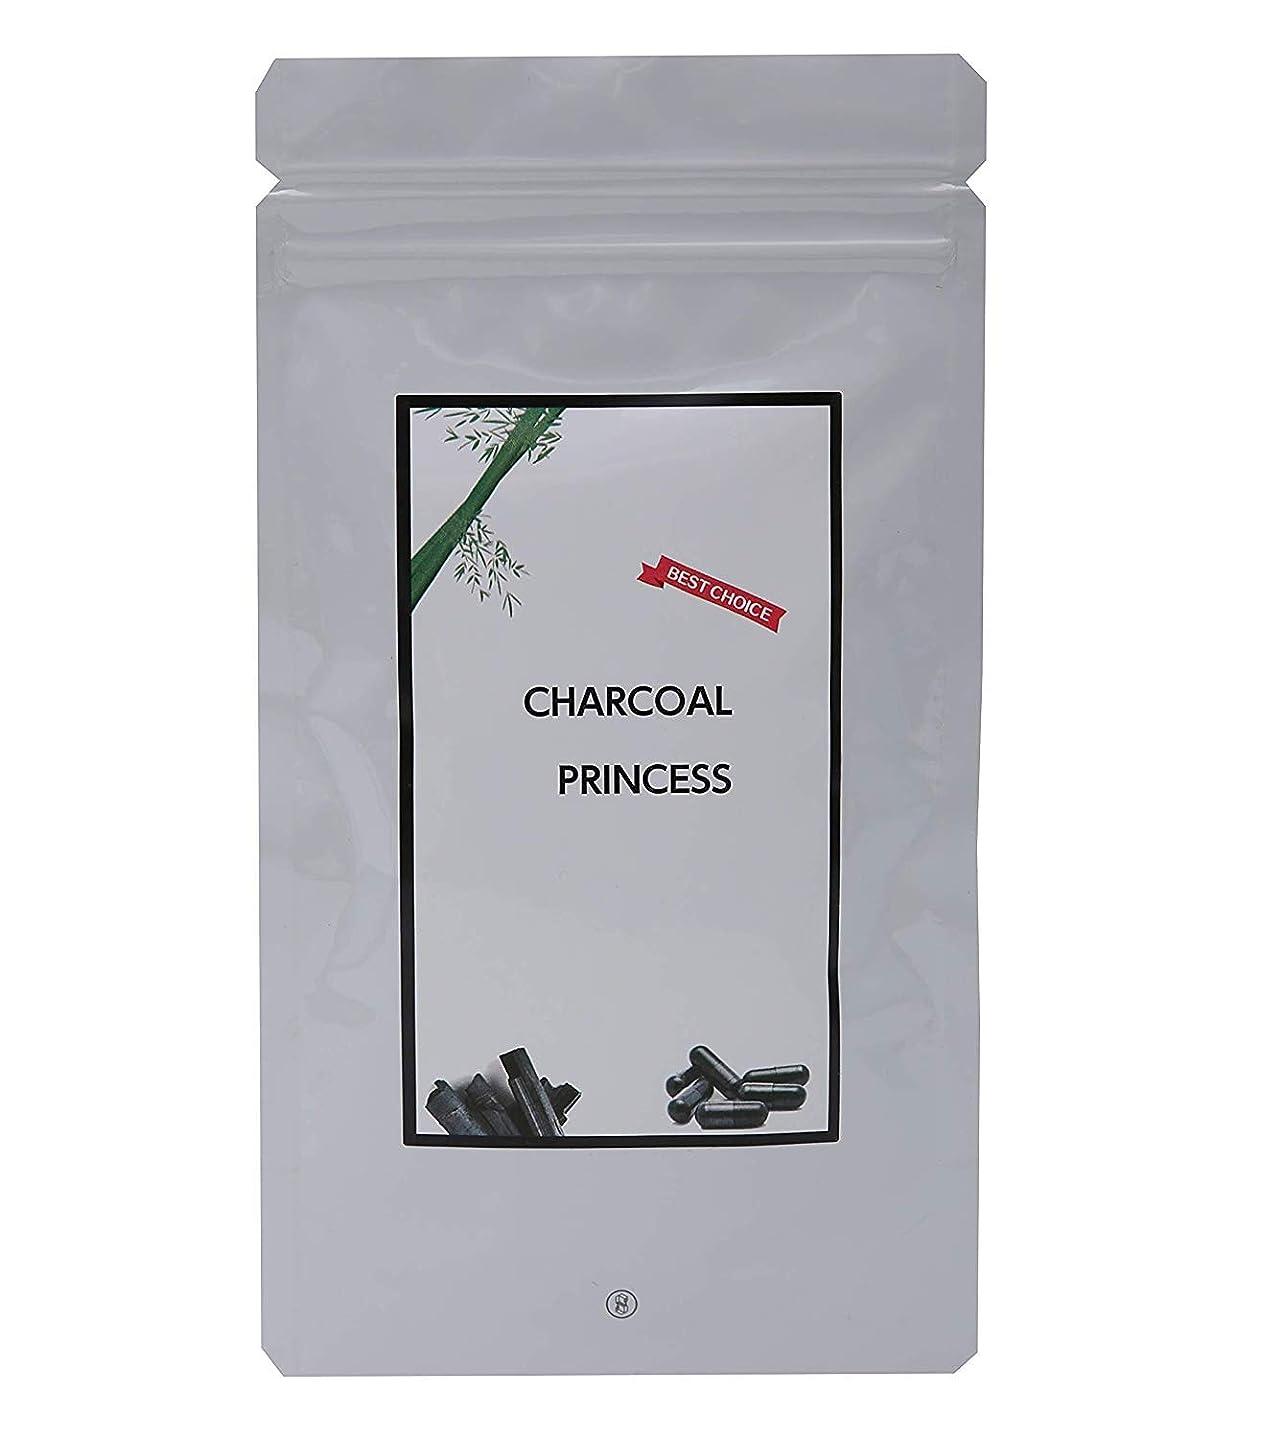 比率後方に後者チャコールクレンズ CHARCOAL PRINCESS【150粒入】50日分 竹炭粉カプセル